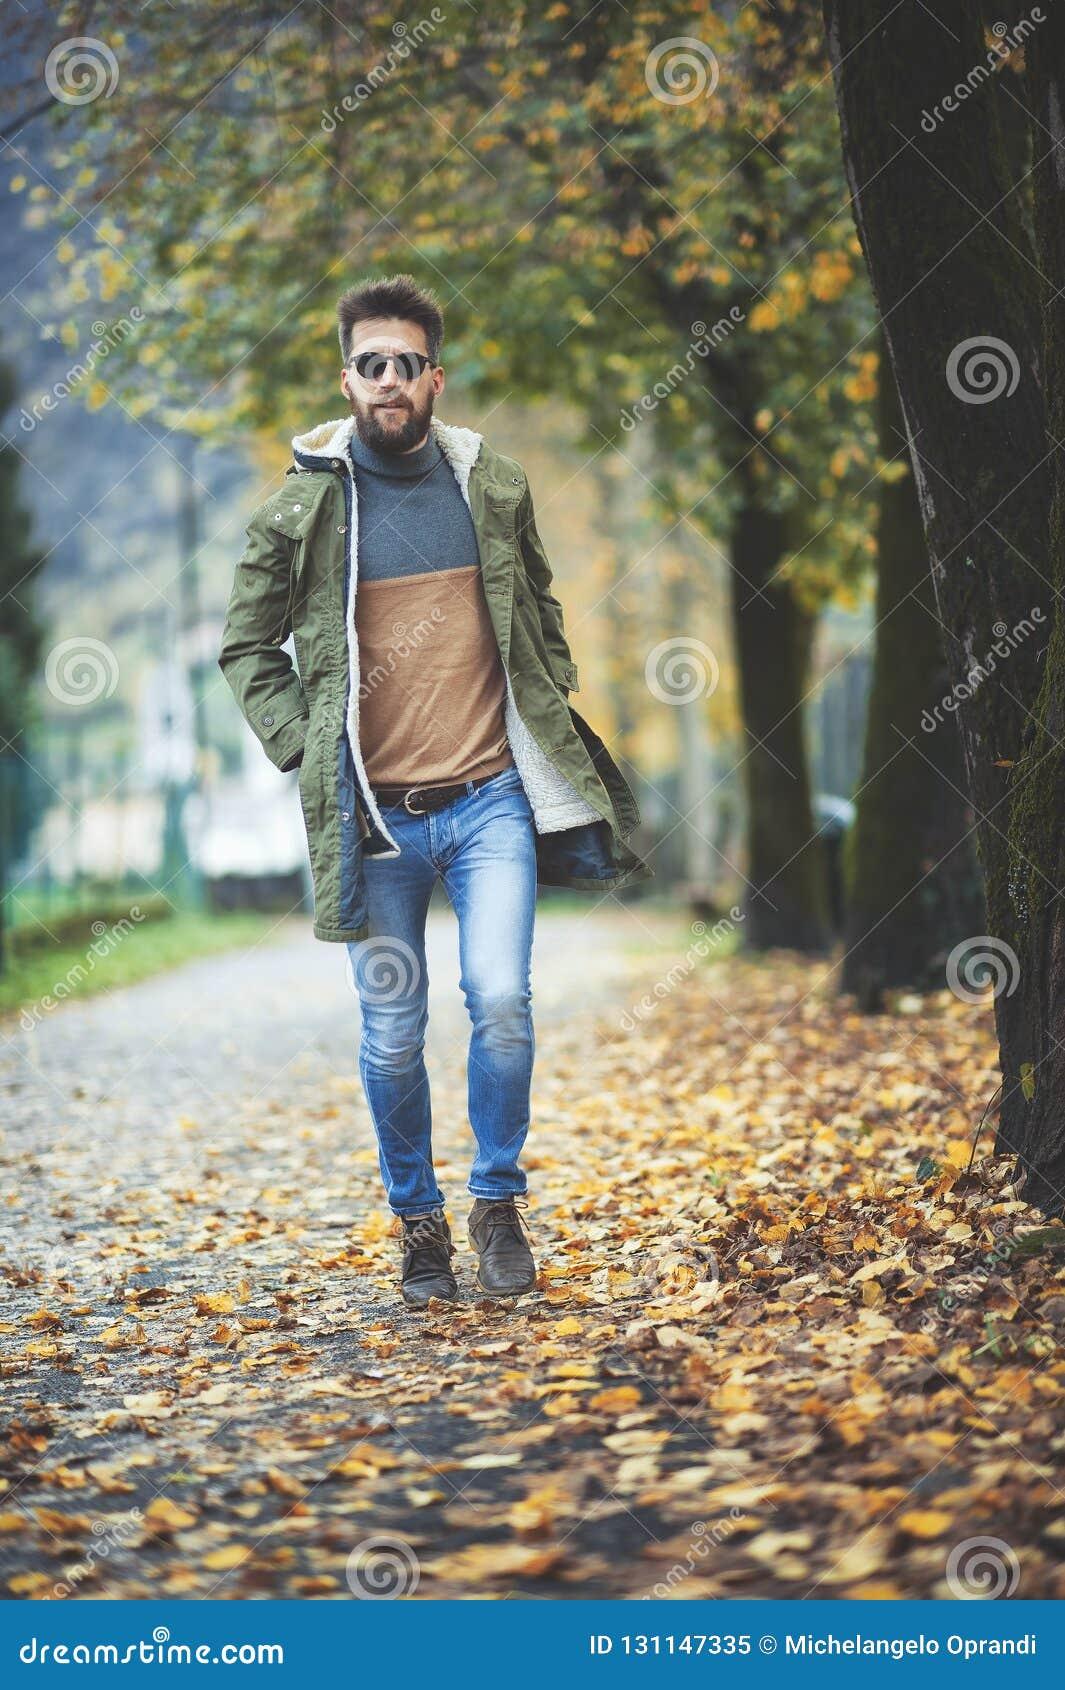 Zufälliger Hippieartmann, der unter Herbstlaub geht